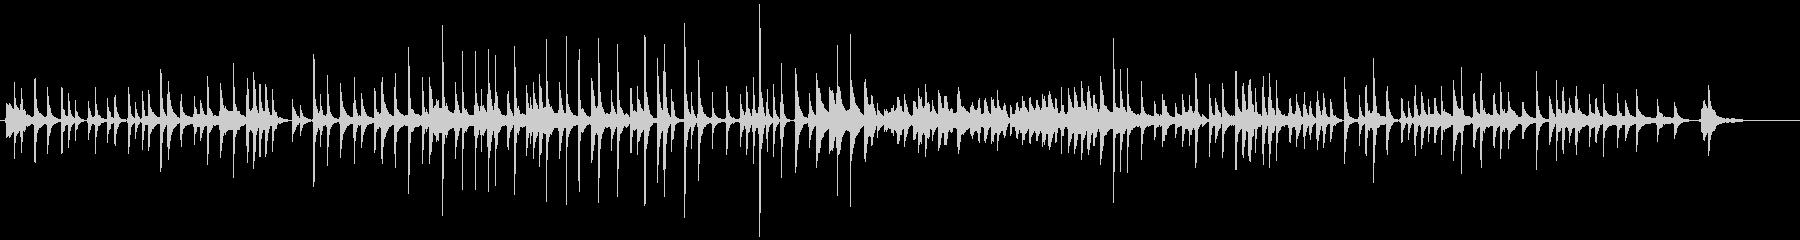 三味線243即興和風ポップスっぽい生い立の未再生の波形